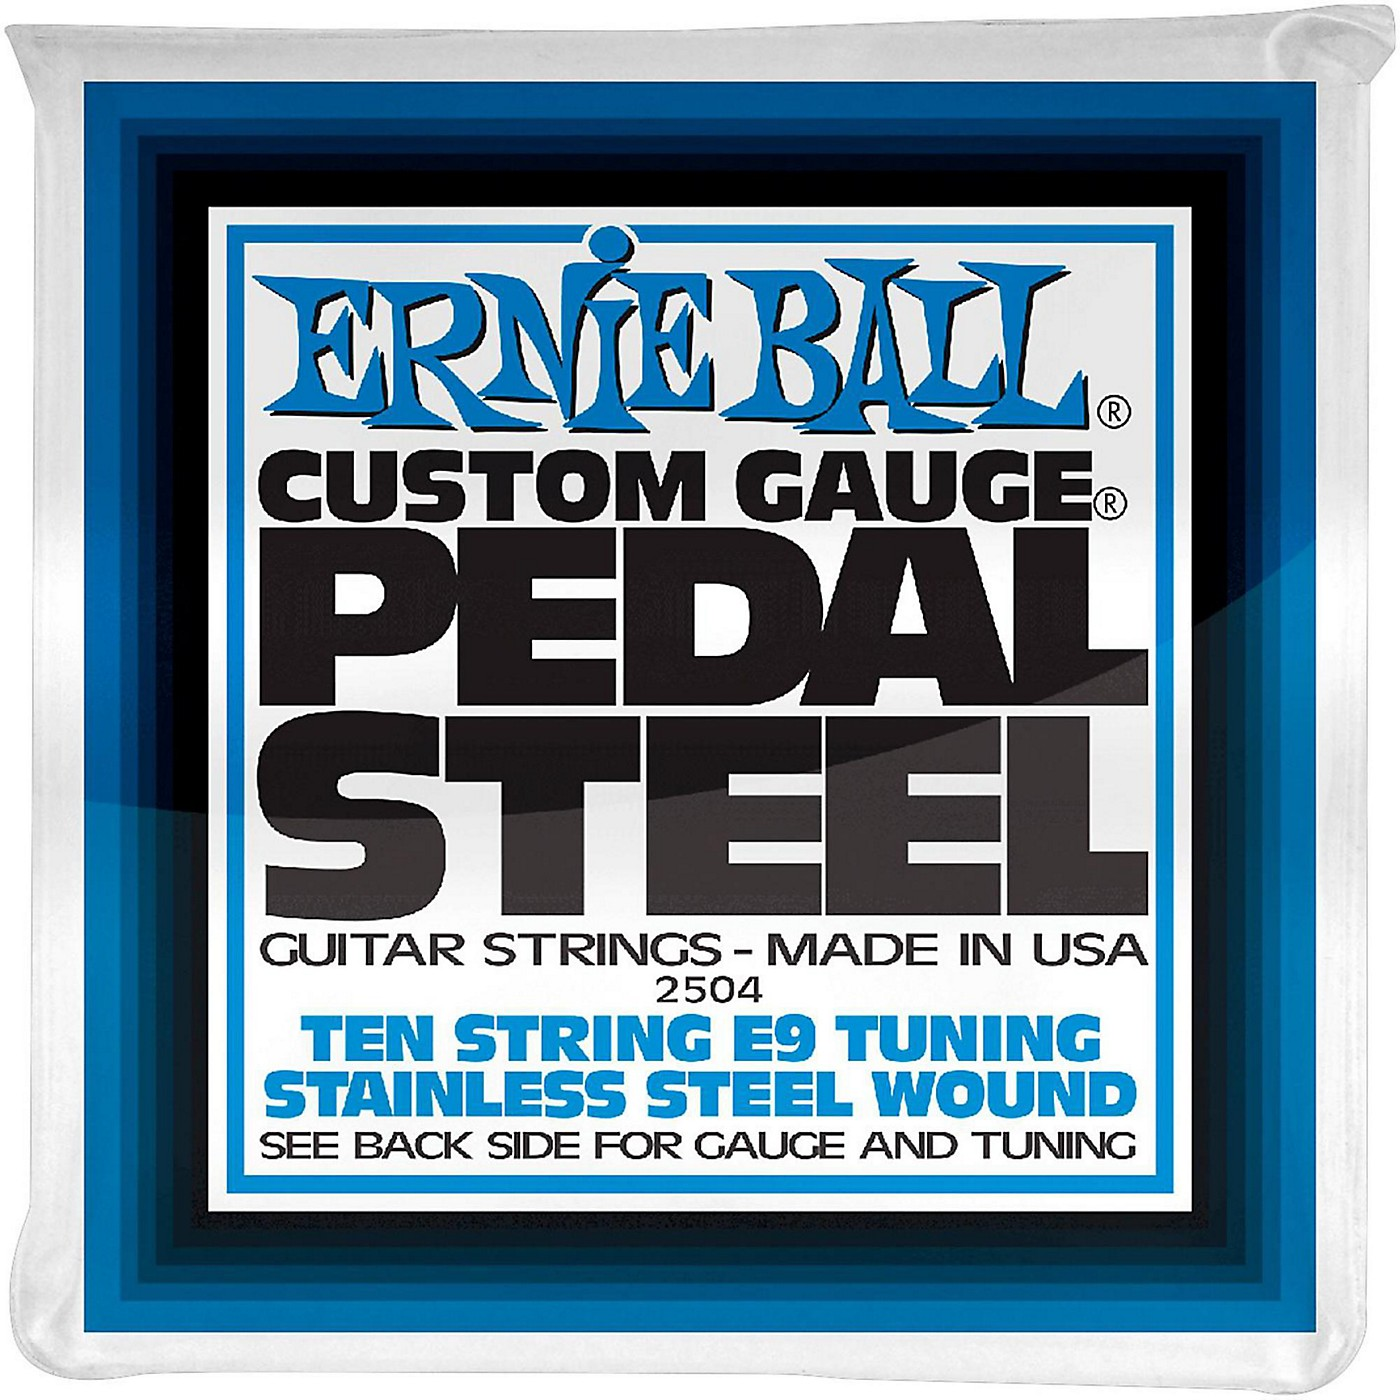 Ernie Ball 2504 10-String E9 Pedal Steel Guitar Strings thumbnail